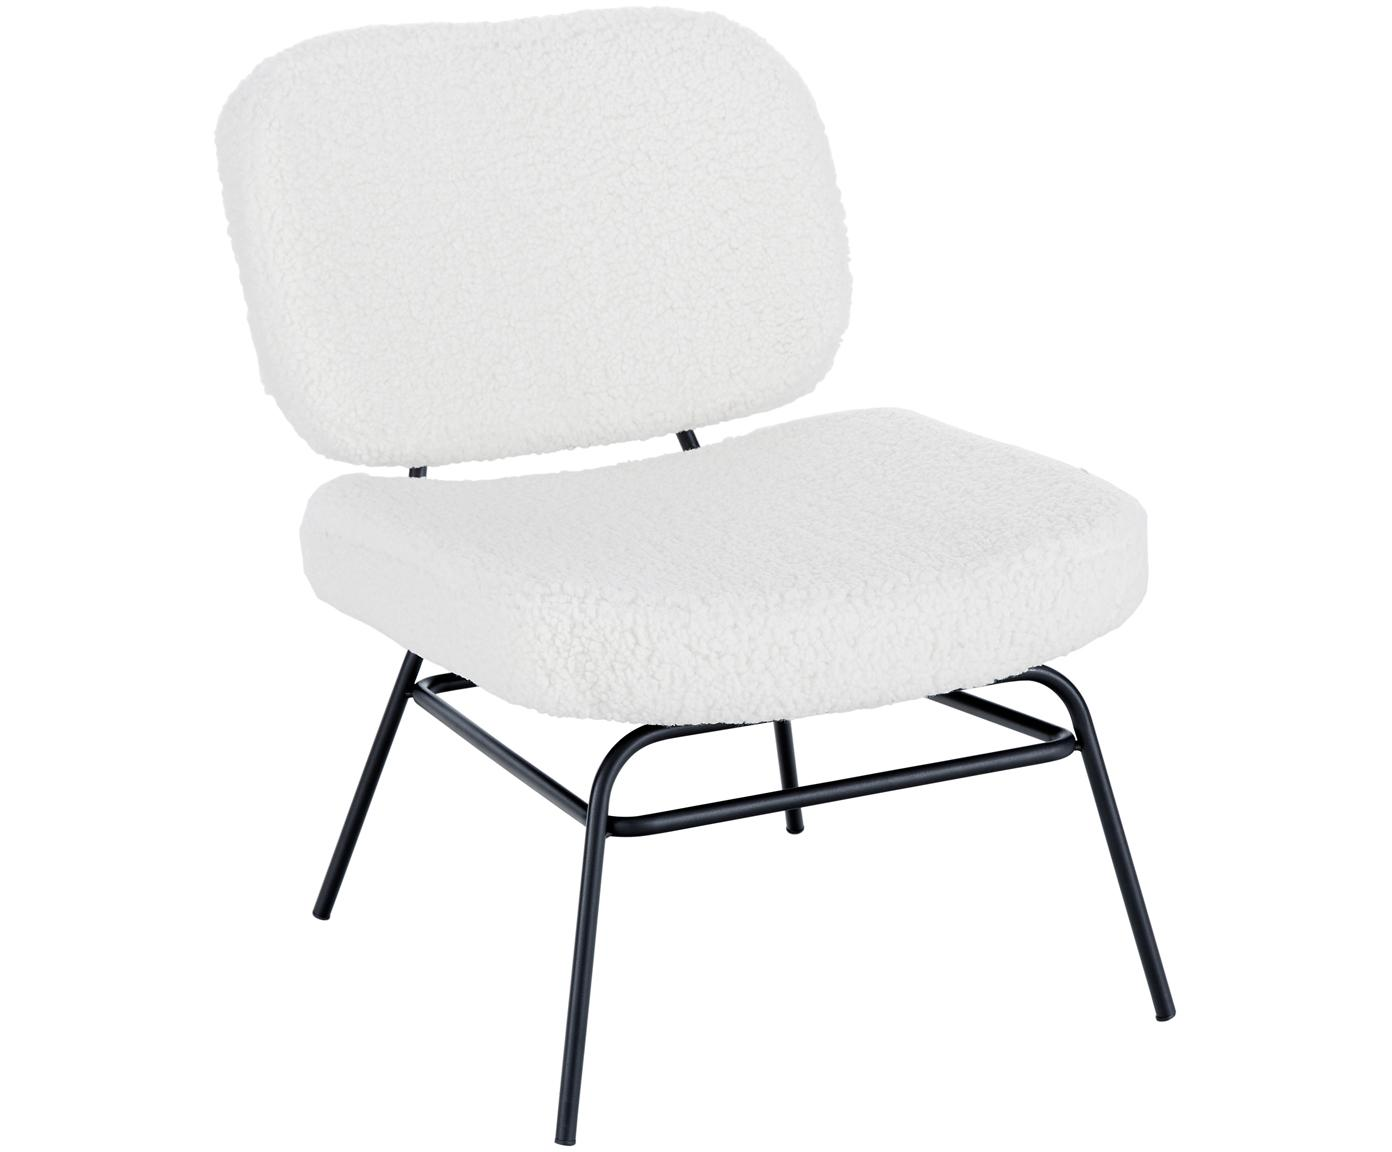 Krzesło tapicerowane Teddy Malte, Tapicerka: poliester (futro Teddy) 2, Nogi: metal malowany proszkowo, Tapicerka: kremowobiały Nogi: czarny matowy, S 58 x G 71 cm